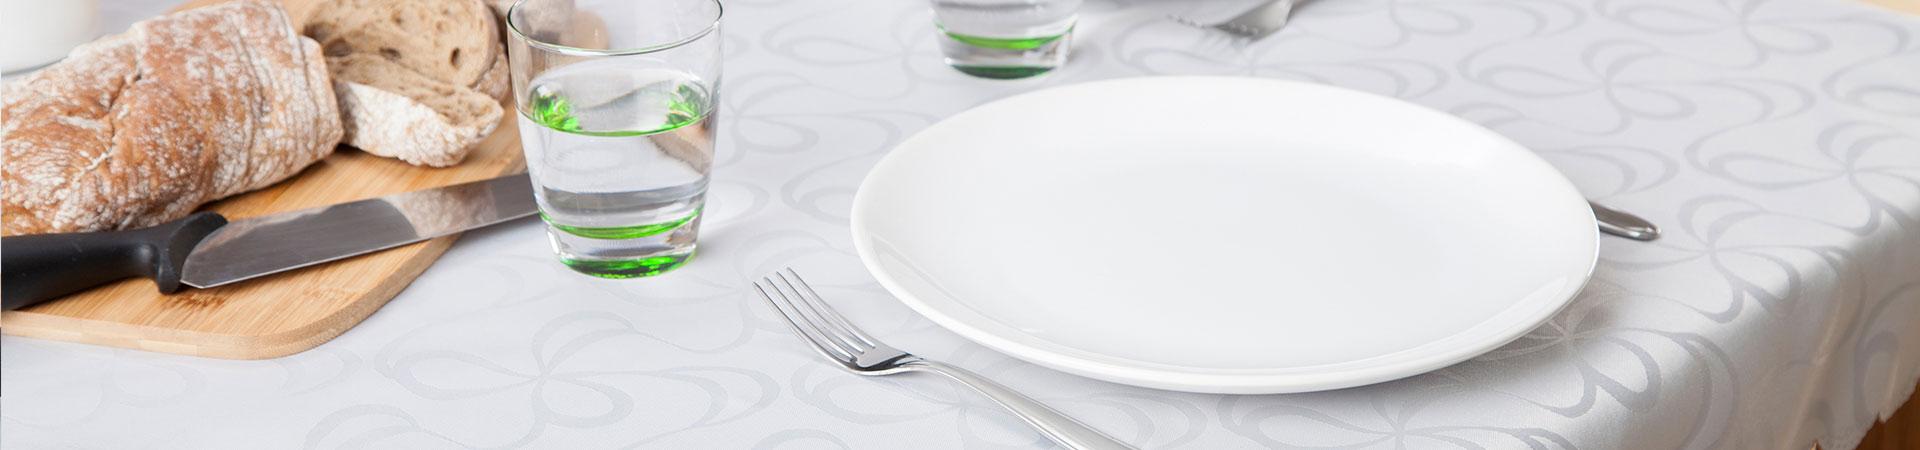 Virtuvės ir stalo reikmenys